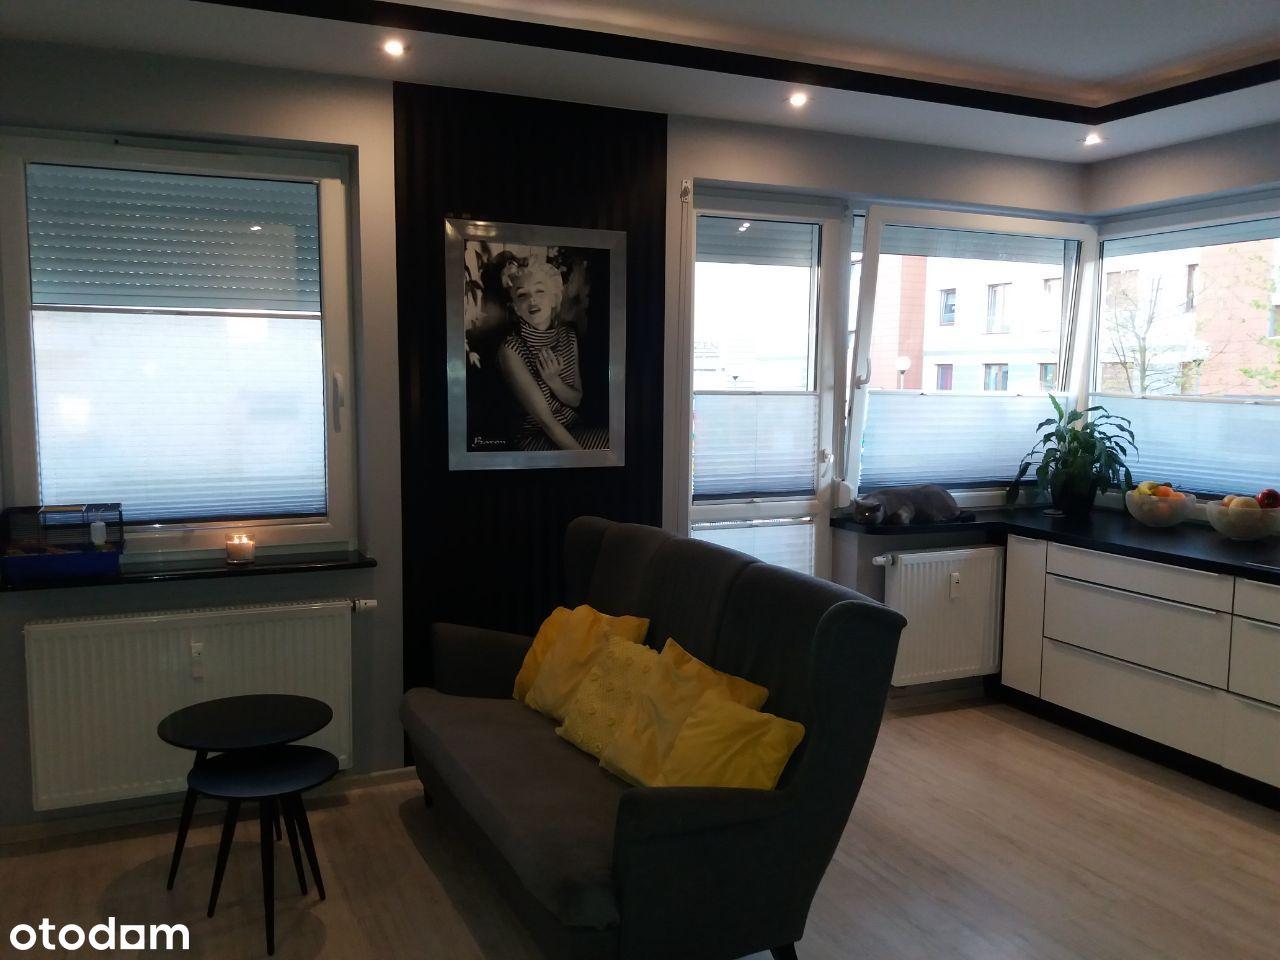 Mieszkanie 3 pokoje, taras, miejsce postojowe